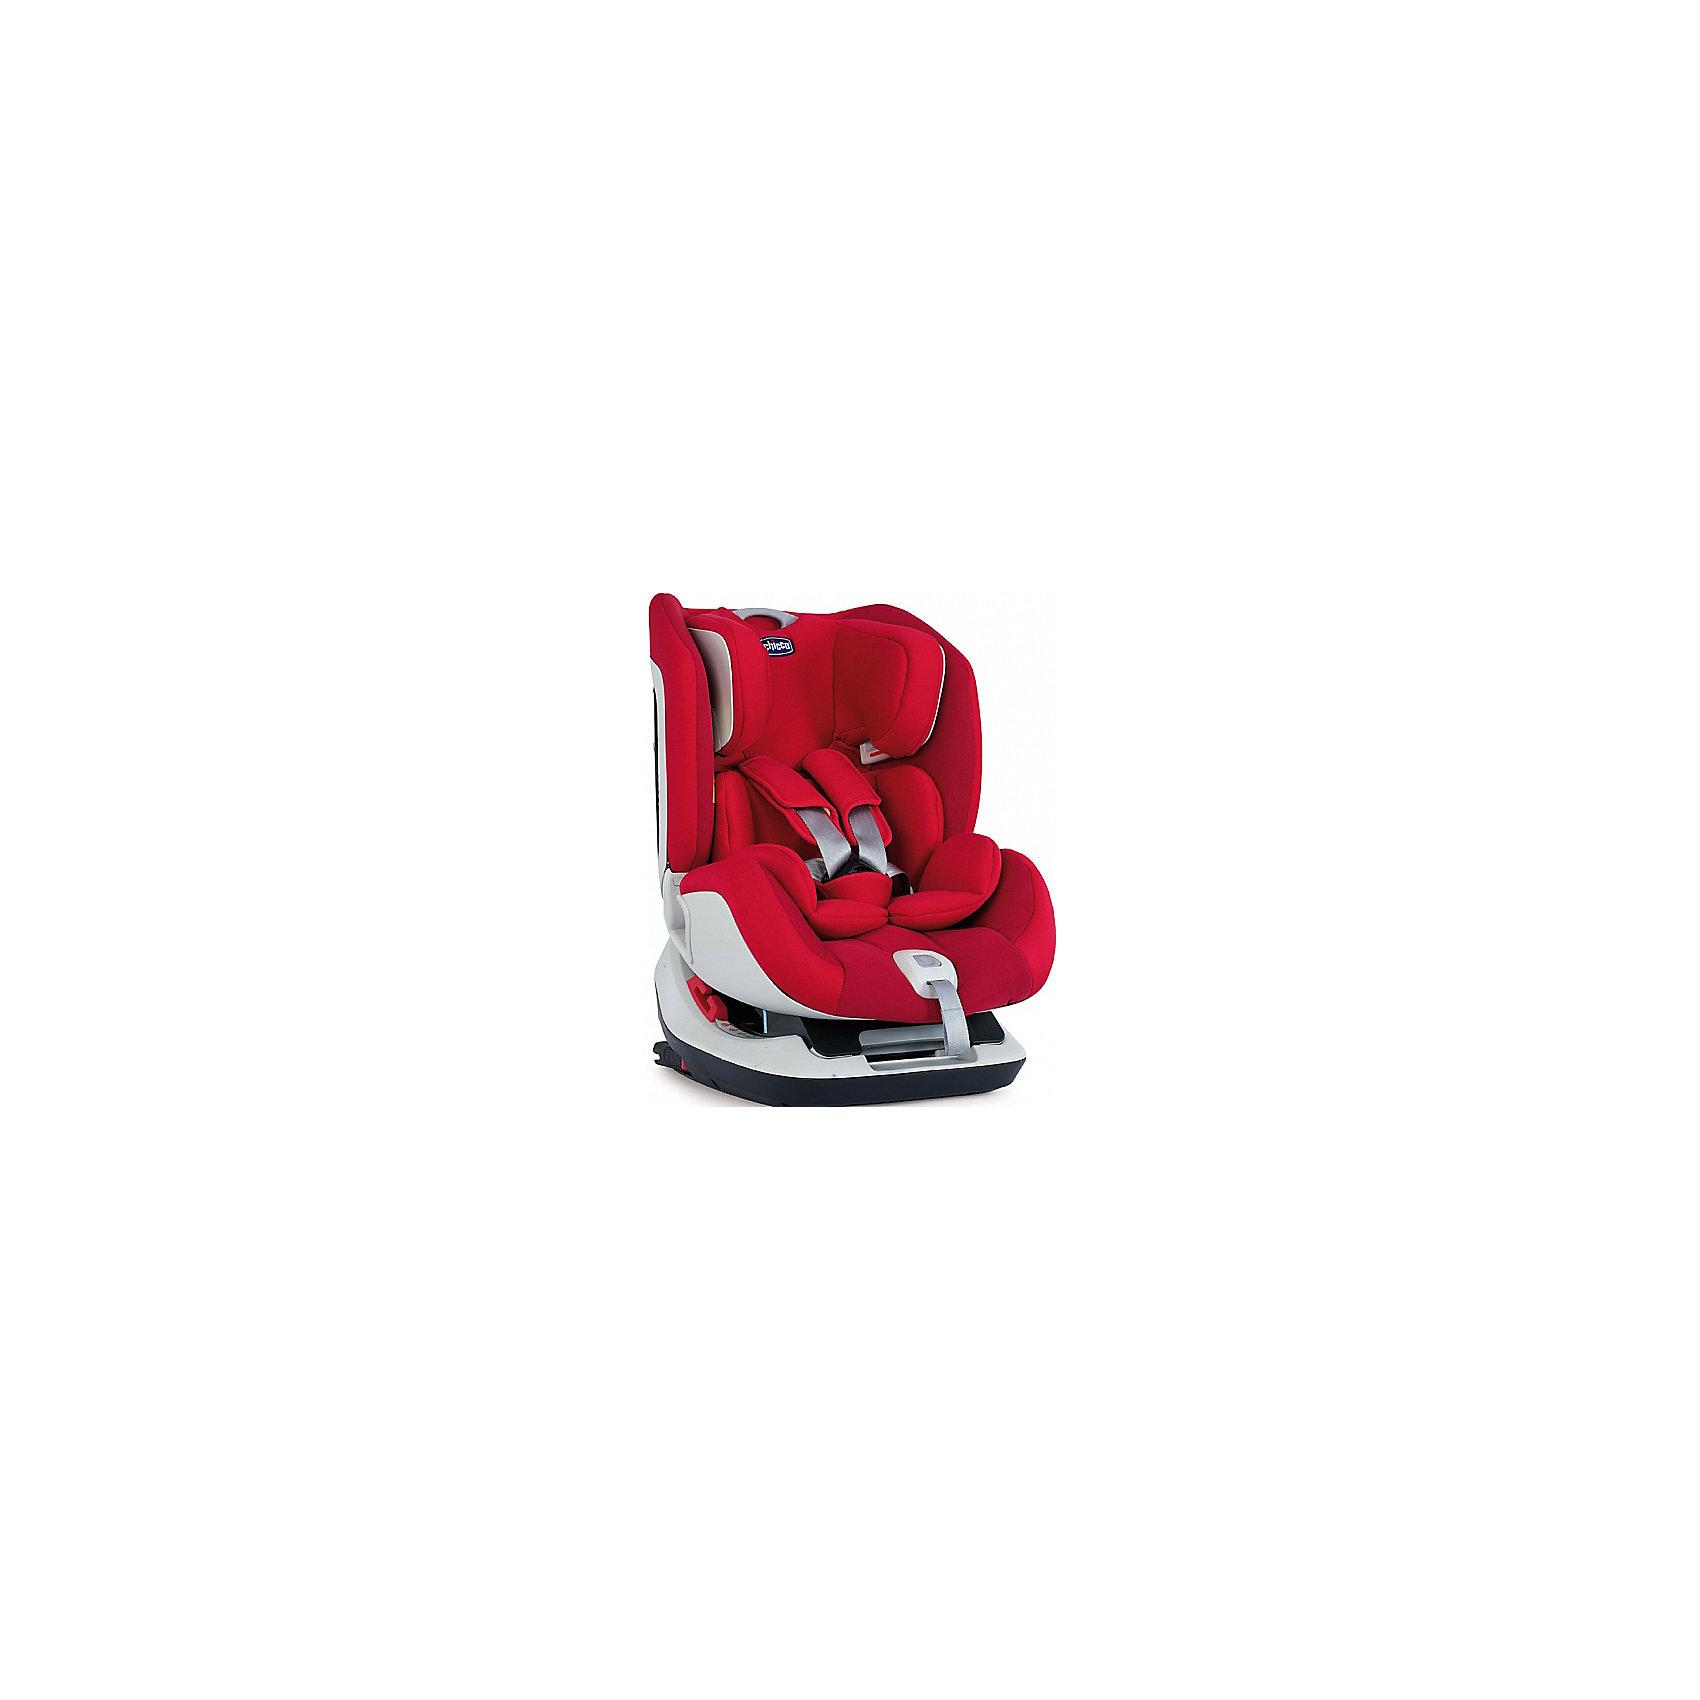 Автокресло SEAT UP 012, 0-25 кг., CHICCO, красный